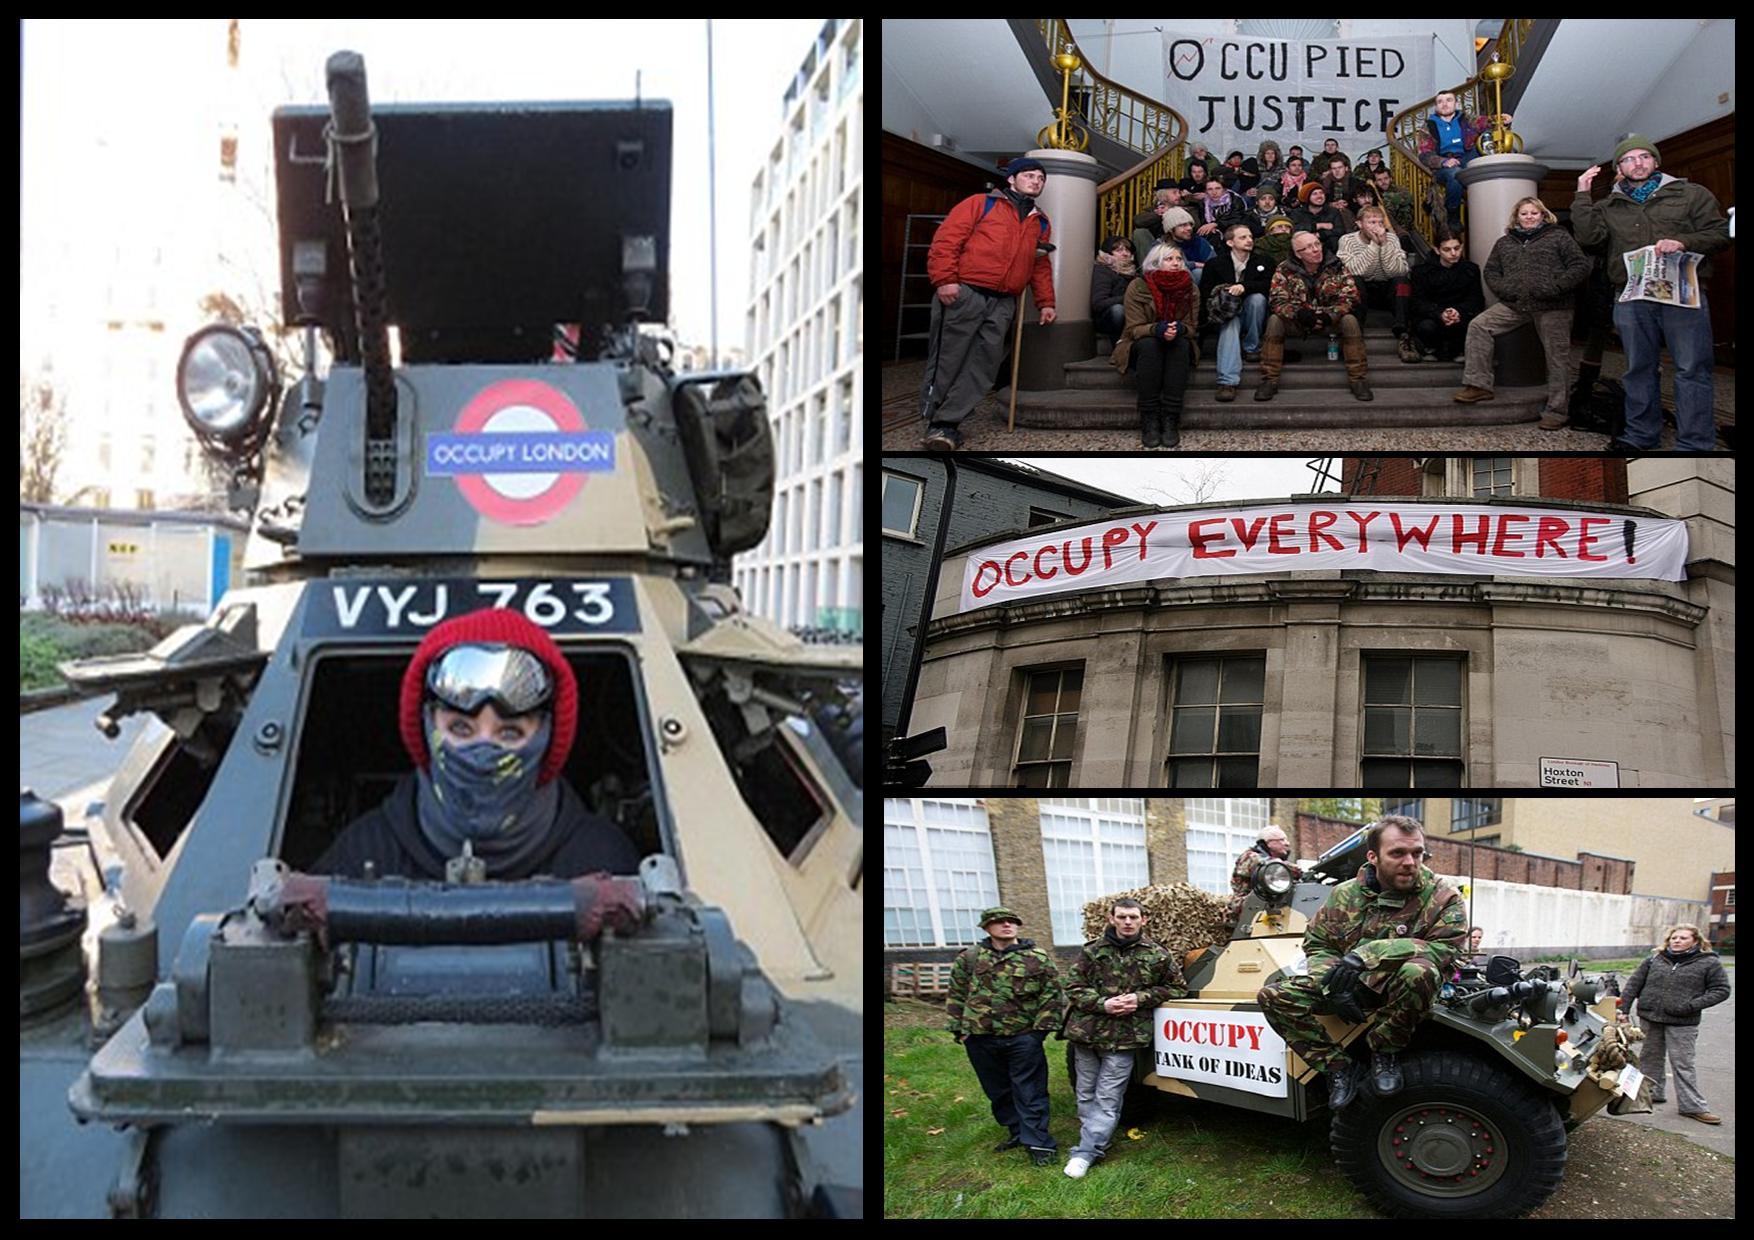 occupy-london-tank